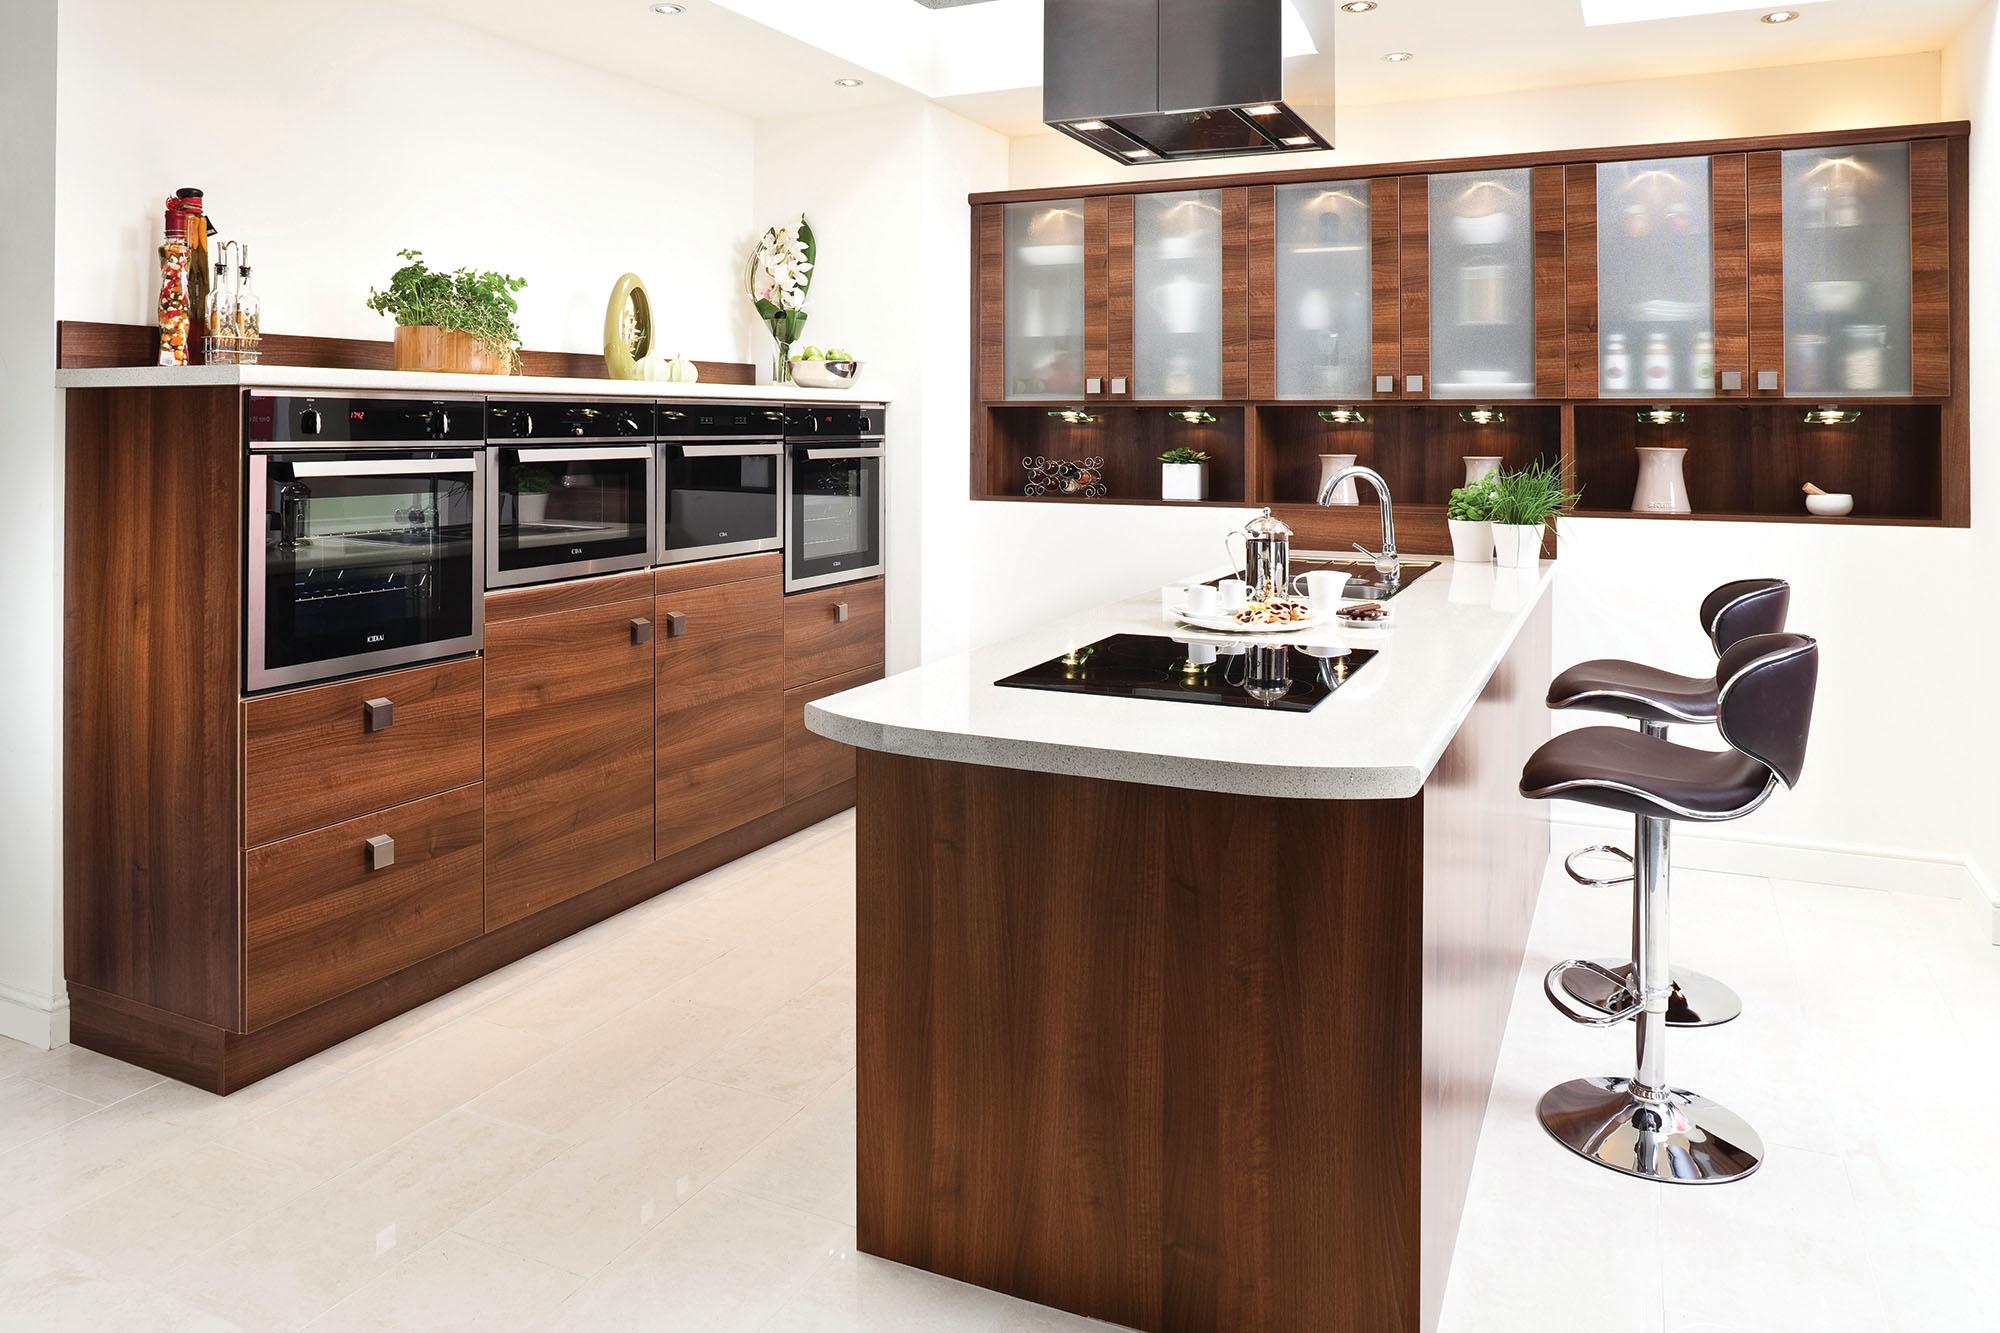 Кухня с островом в интерьере (25 фото): варианты столешниц и расположения